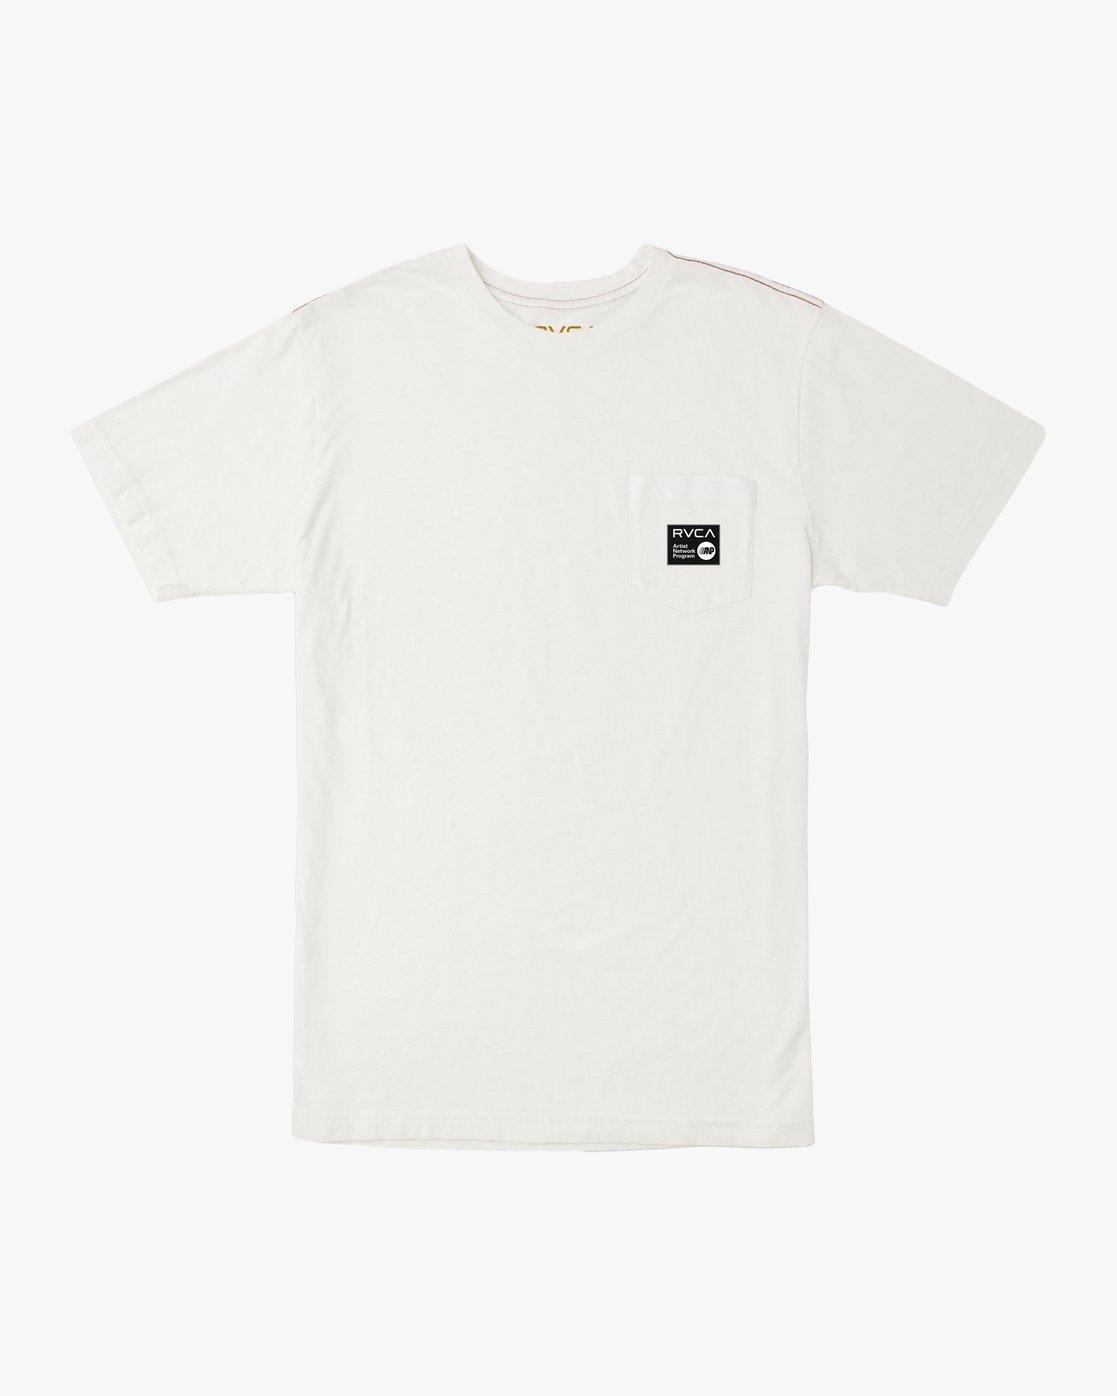 0 ANP Pocket T-Shirt White M436TRAN RVCA